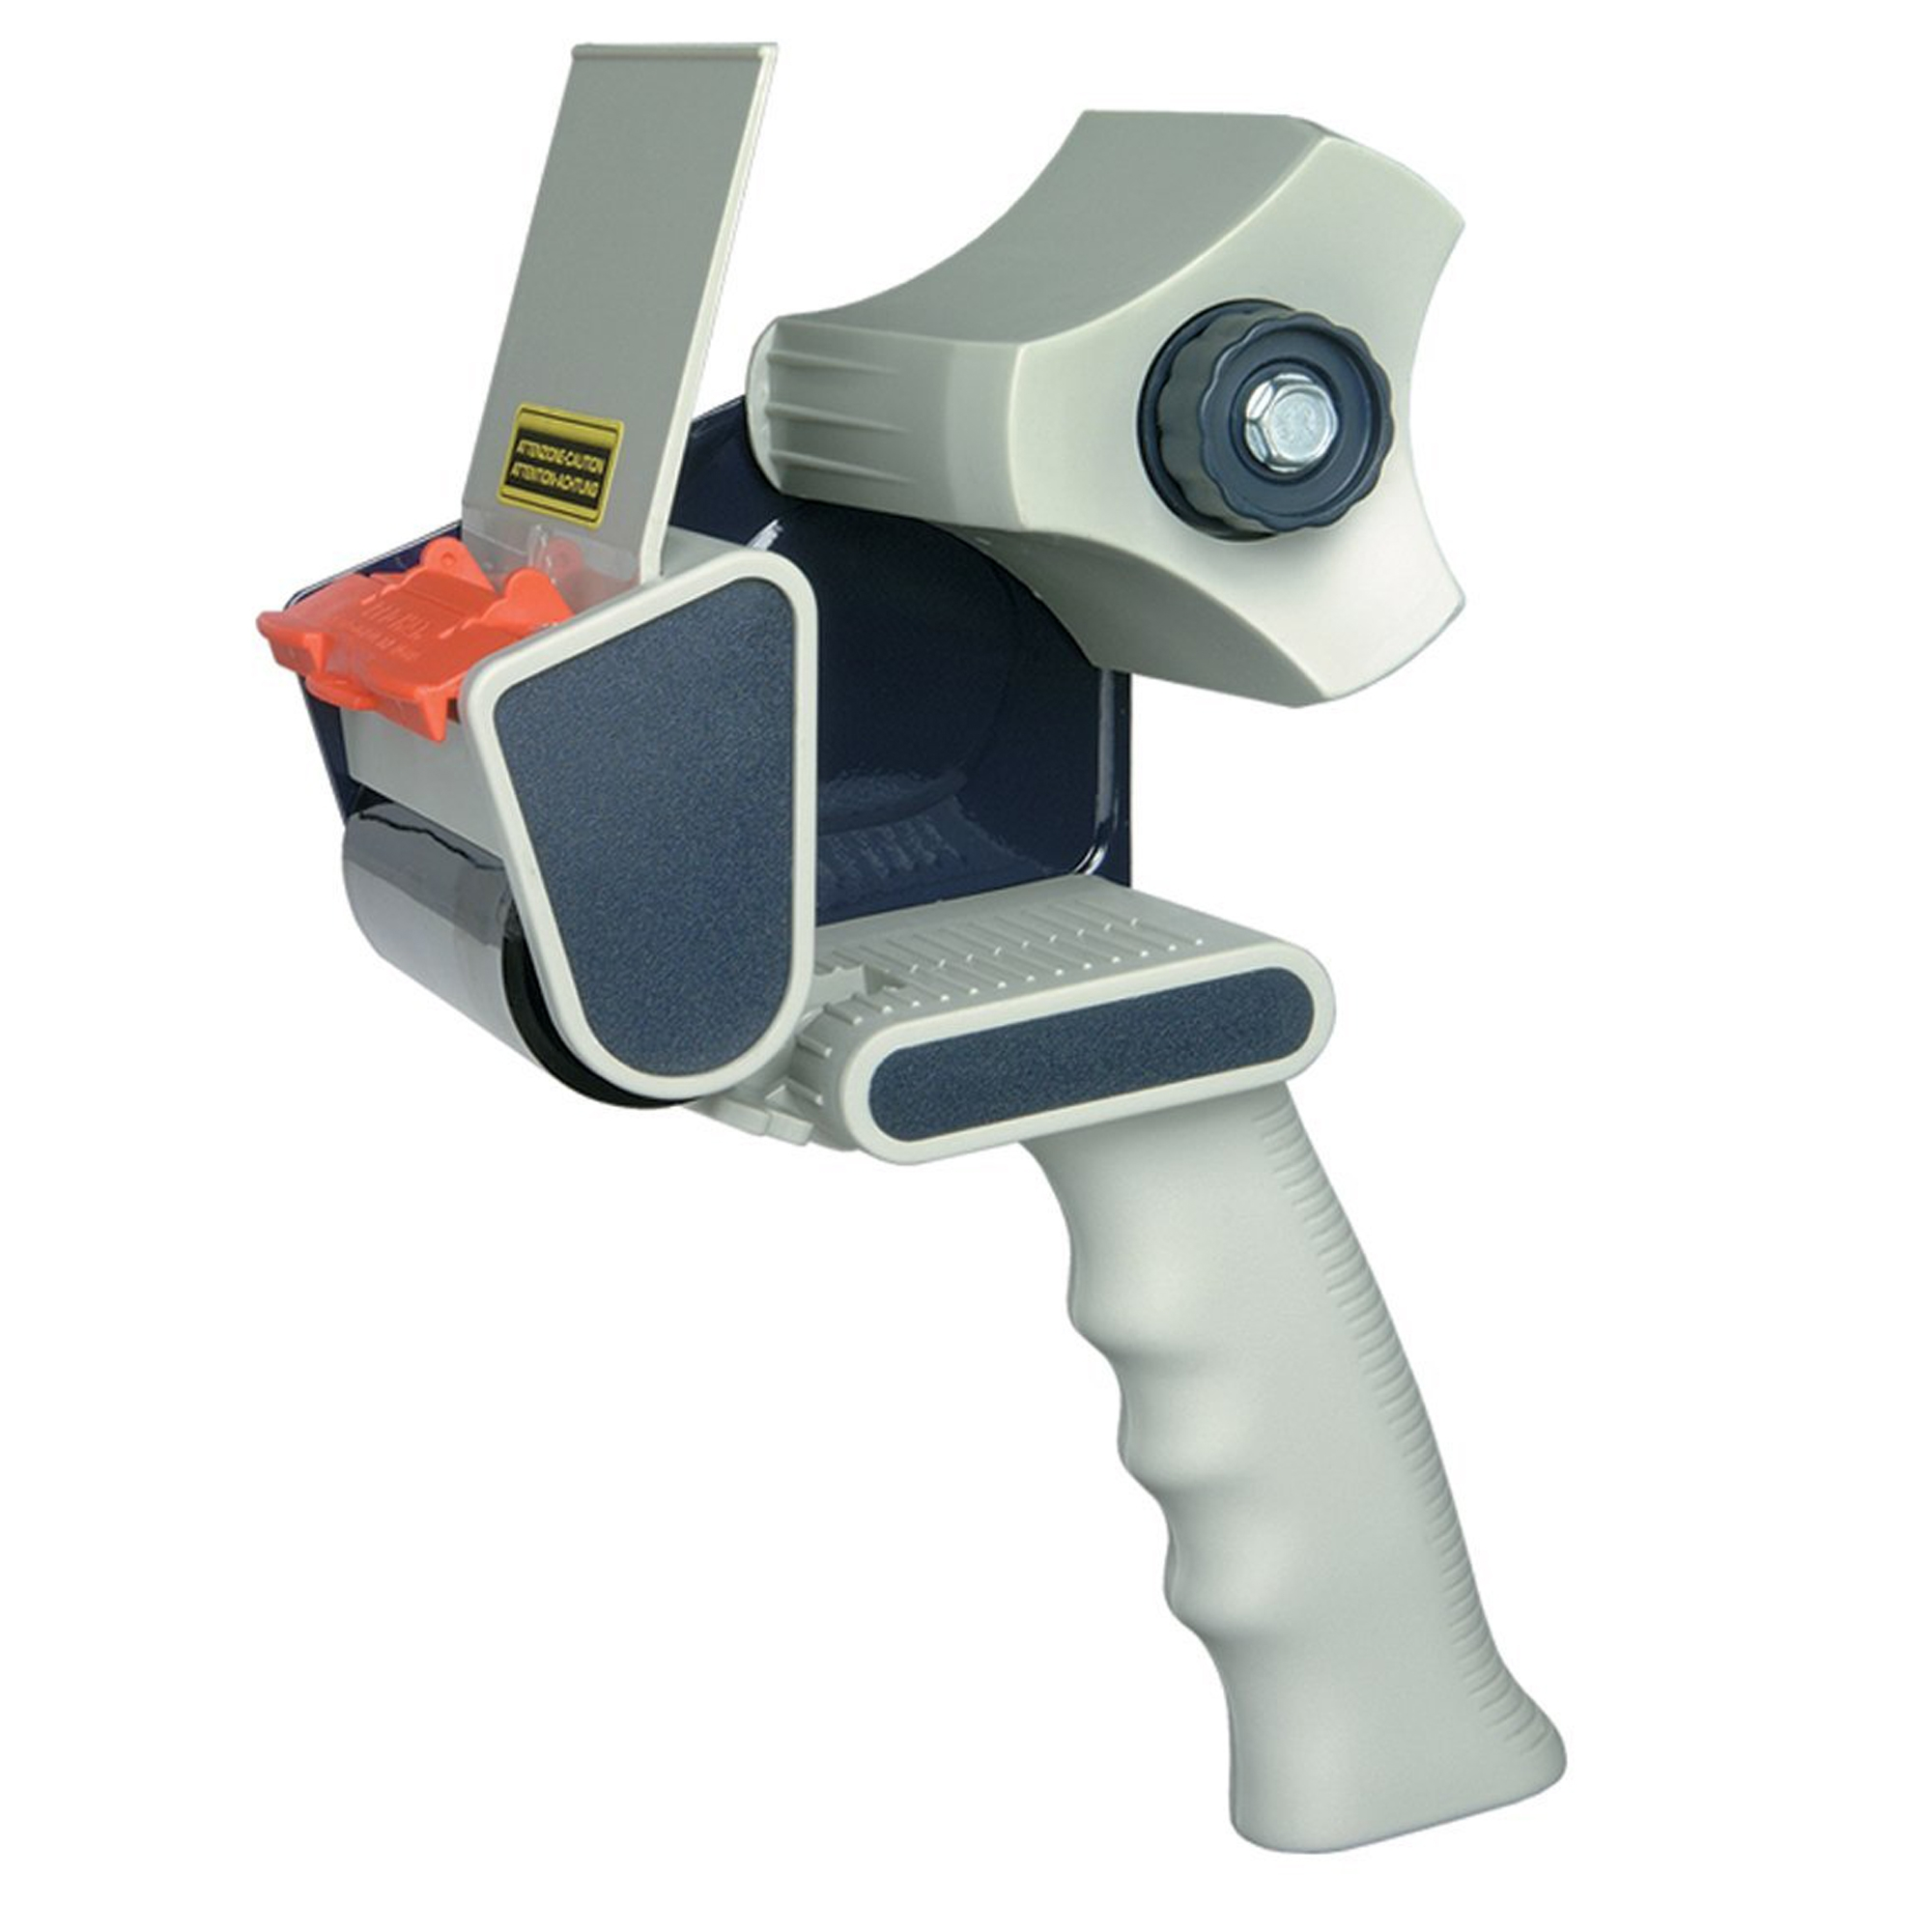 75mm Hand Held Tape Dispenser